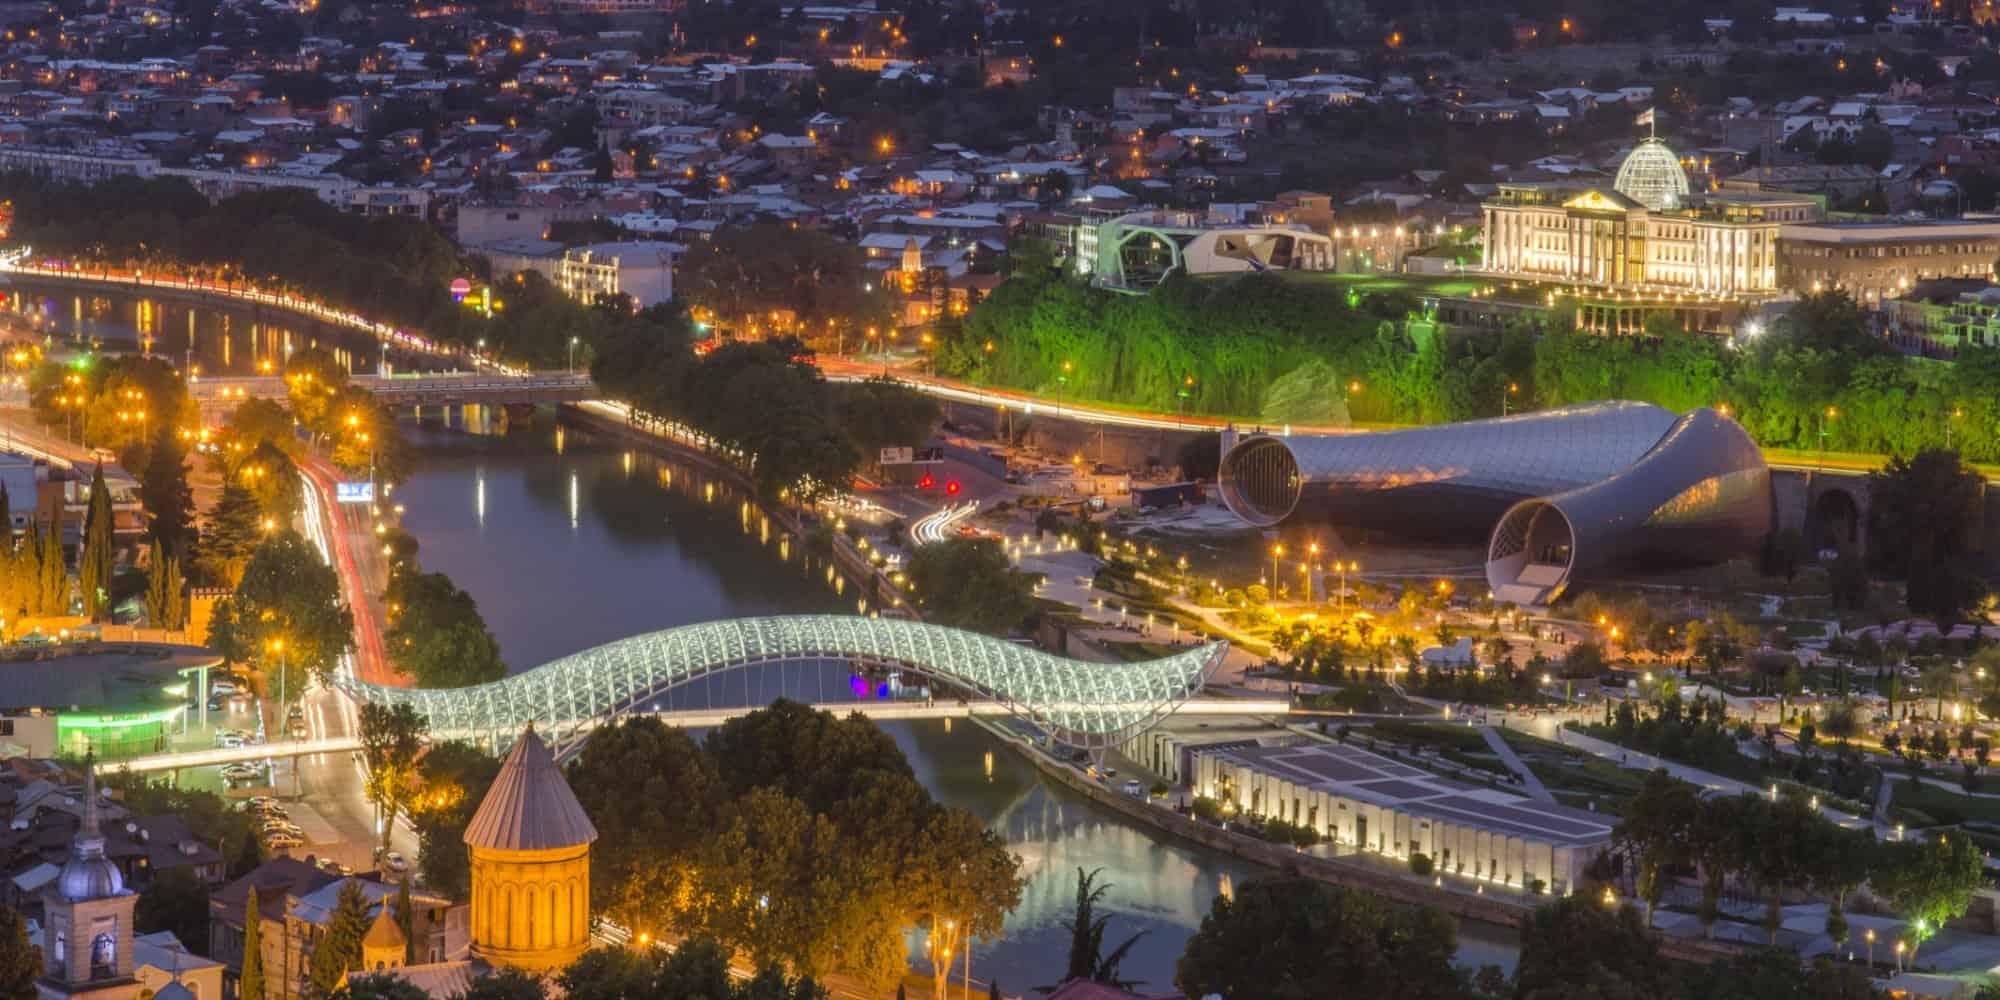 قائمة بافضل الفنادق في مدن جورجيا 2019